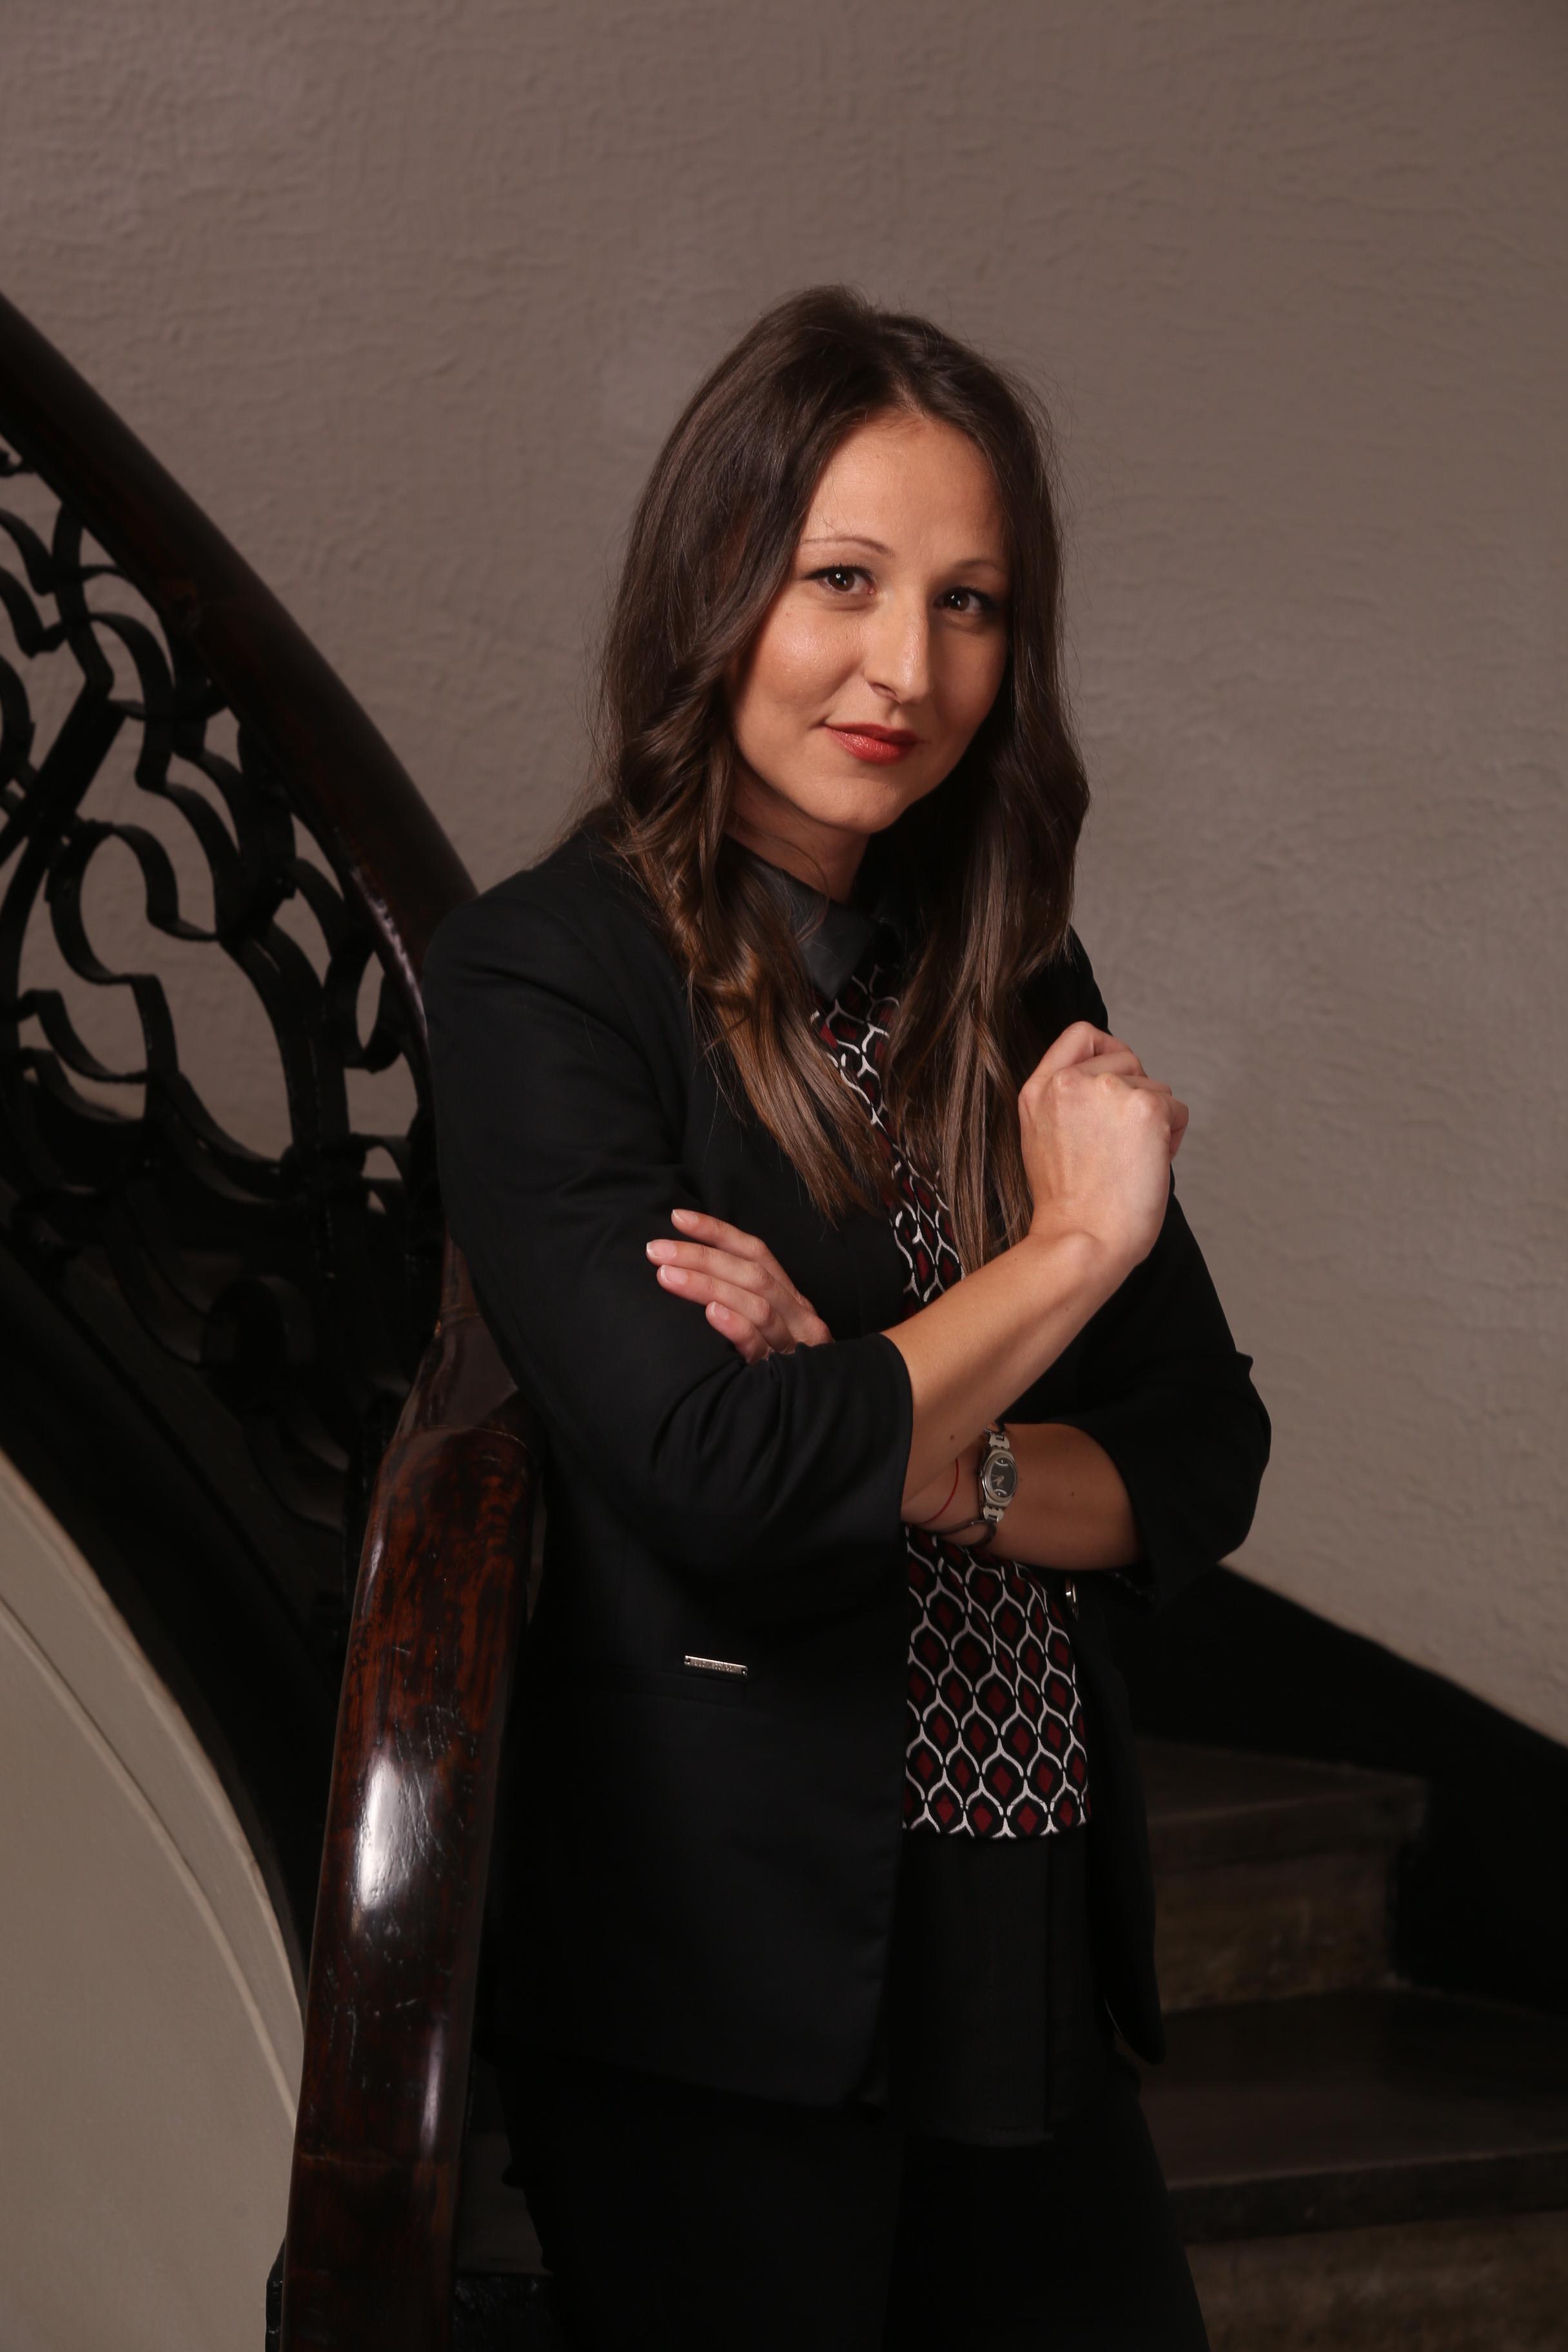 Milena Stoineva